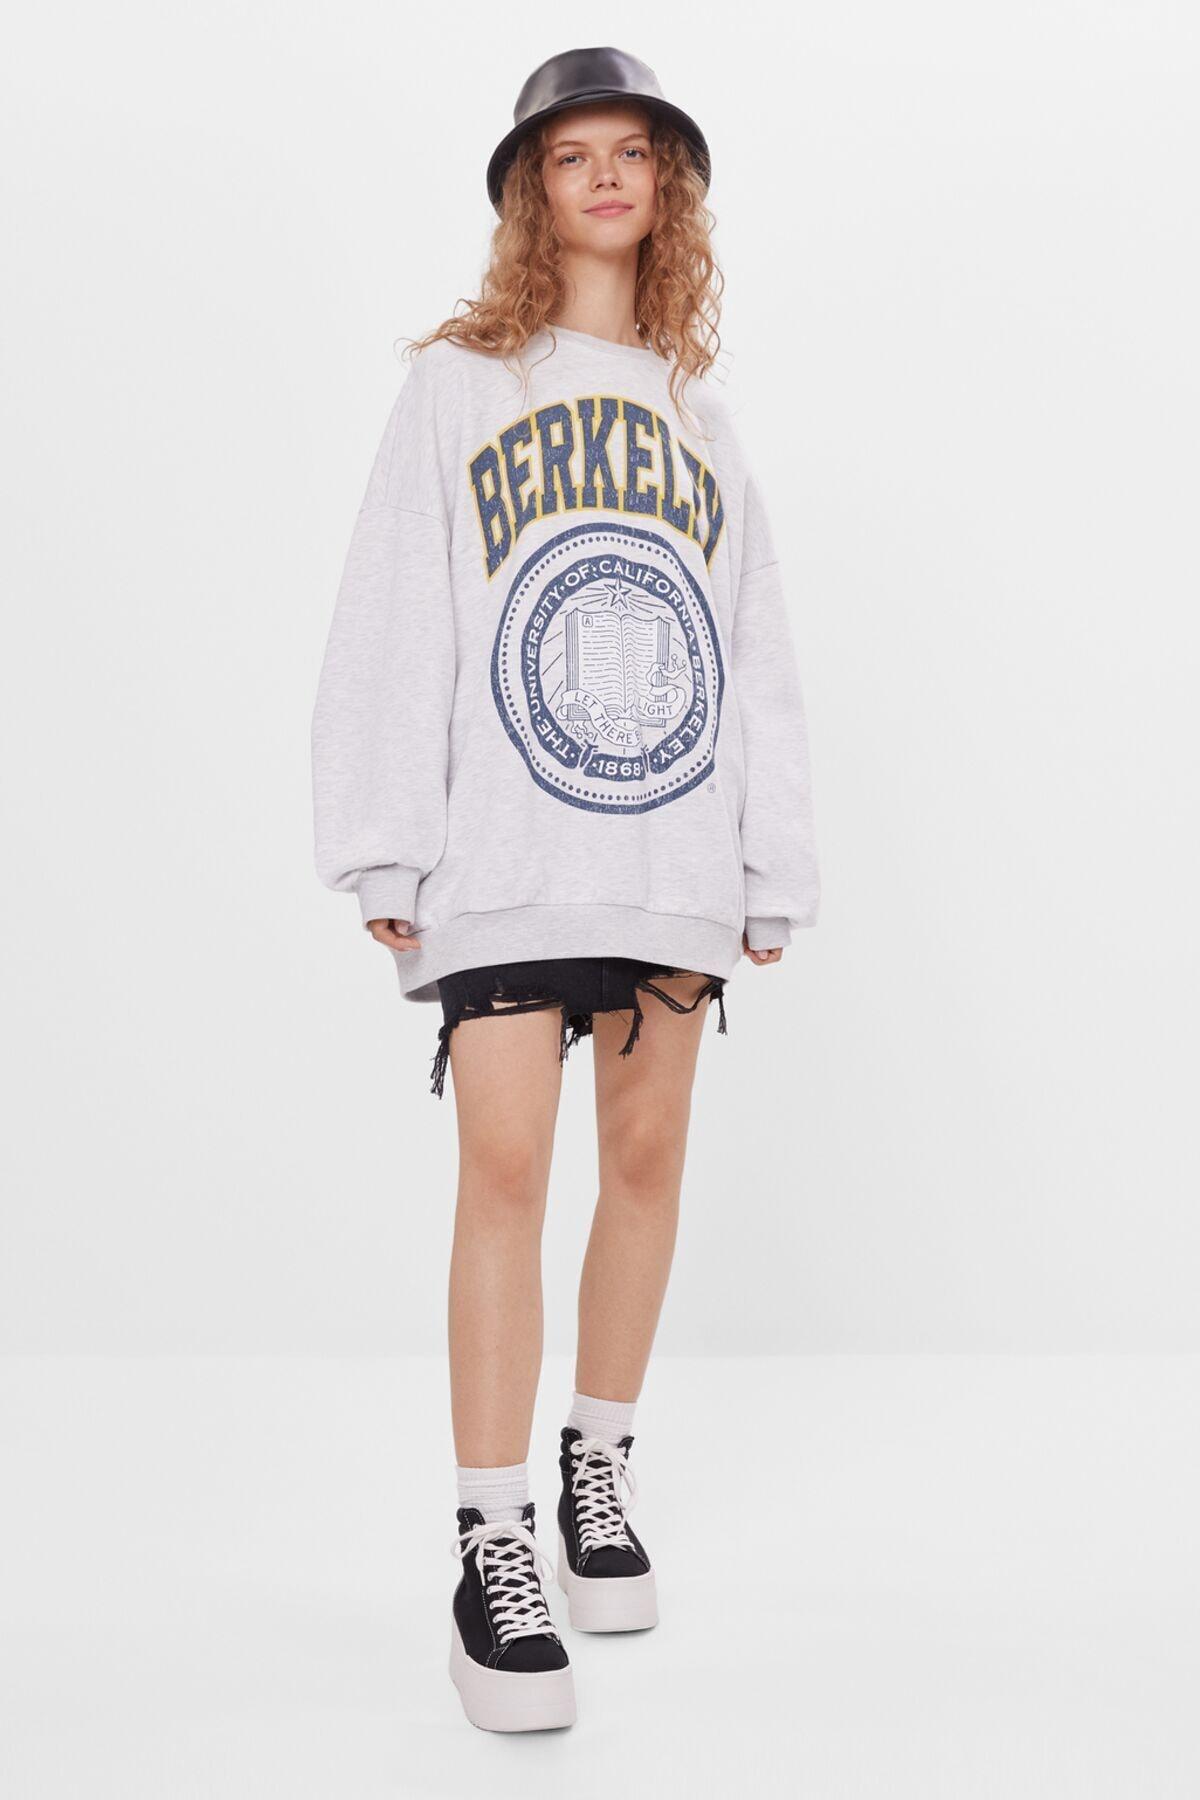 Bershka Kadın Gri Baskılı Sweatshirt